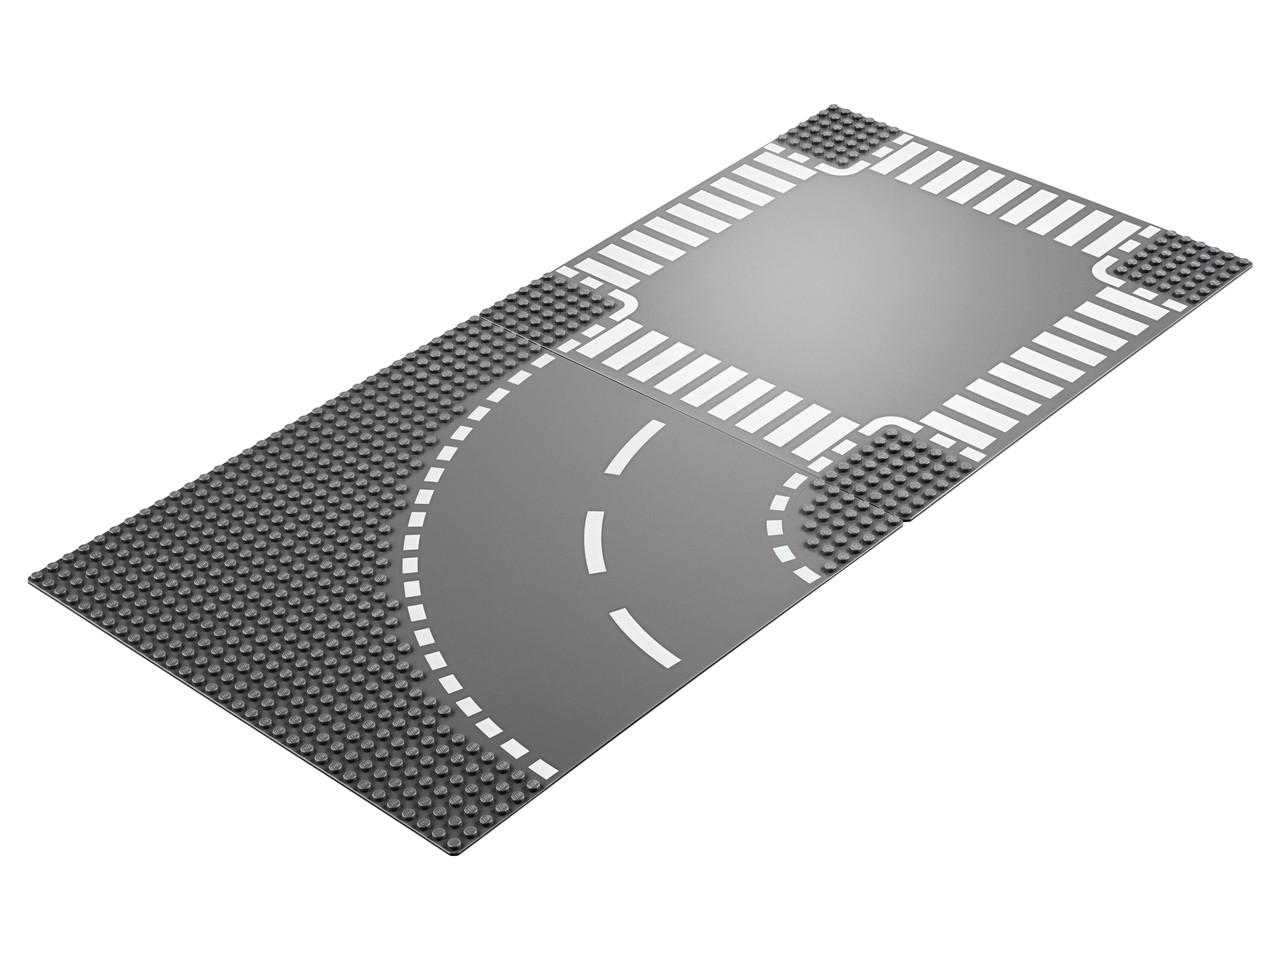 Конструктор LEGO Поворот и перекресток 2 деталей (60237)